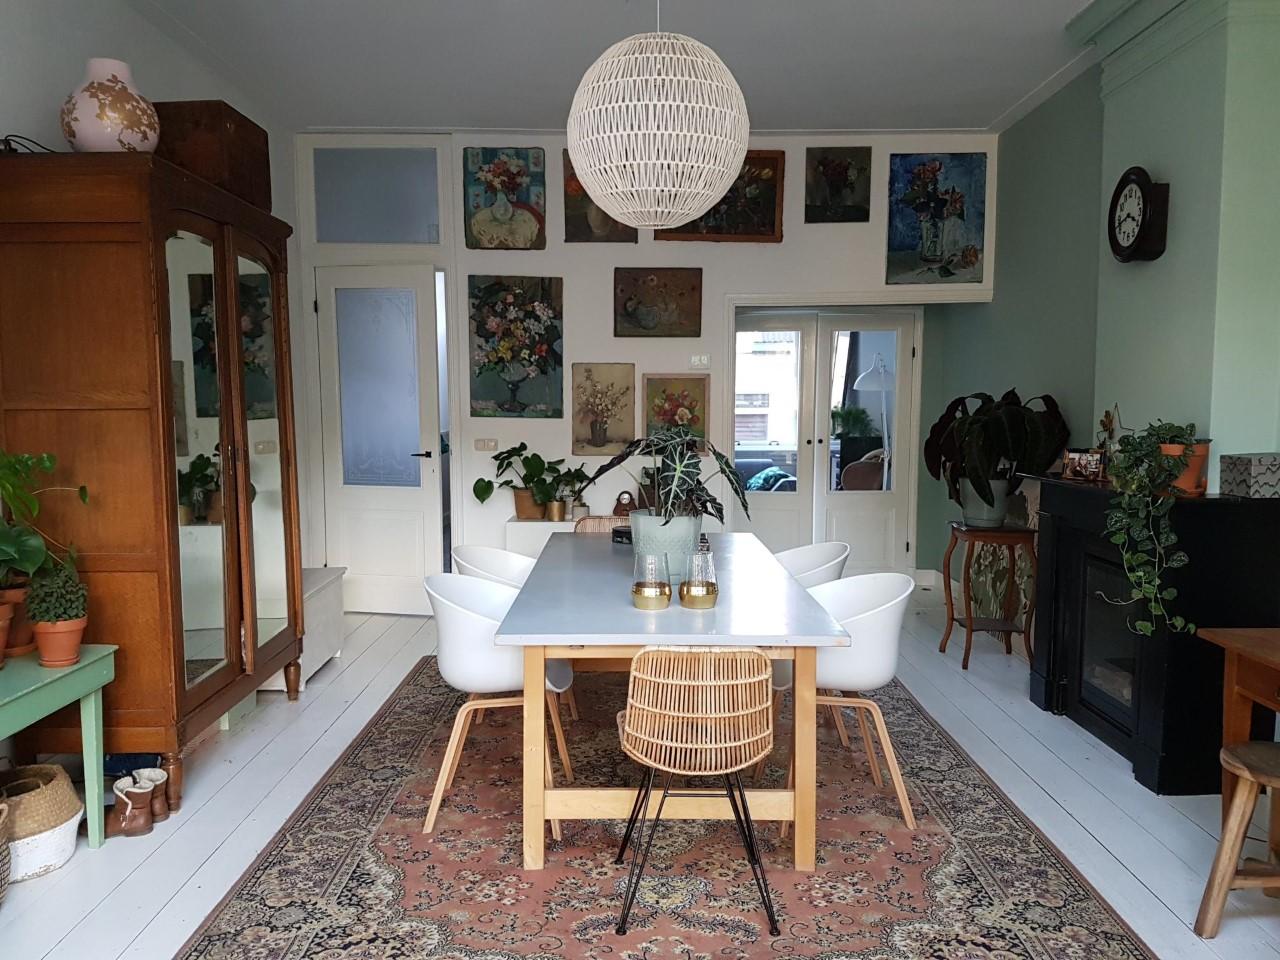 eclectische olieverf schilderijen en kamerplanten in witte woonkeuken